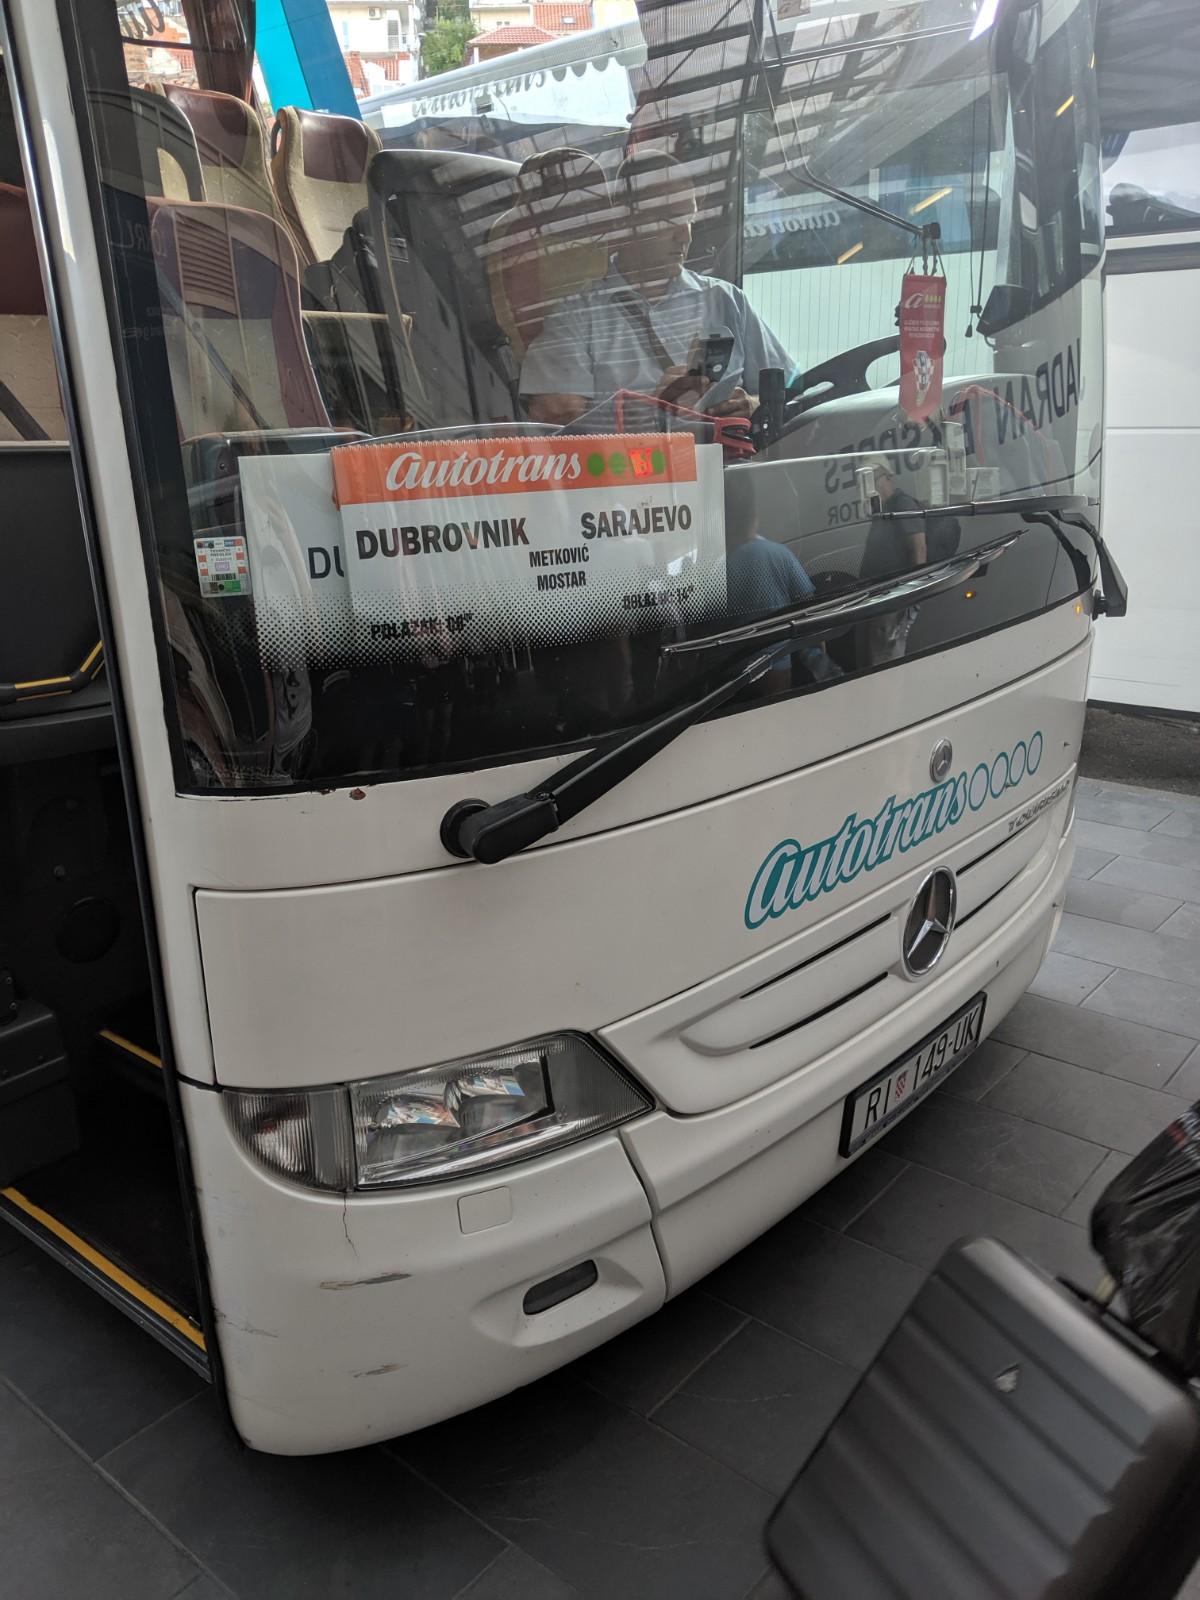 Bus Dubrovnik to Sarajevo